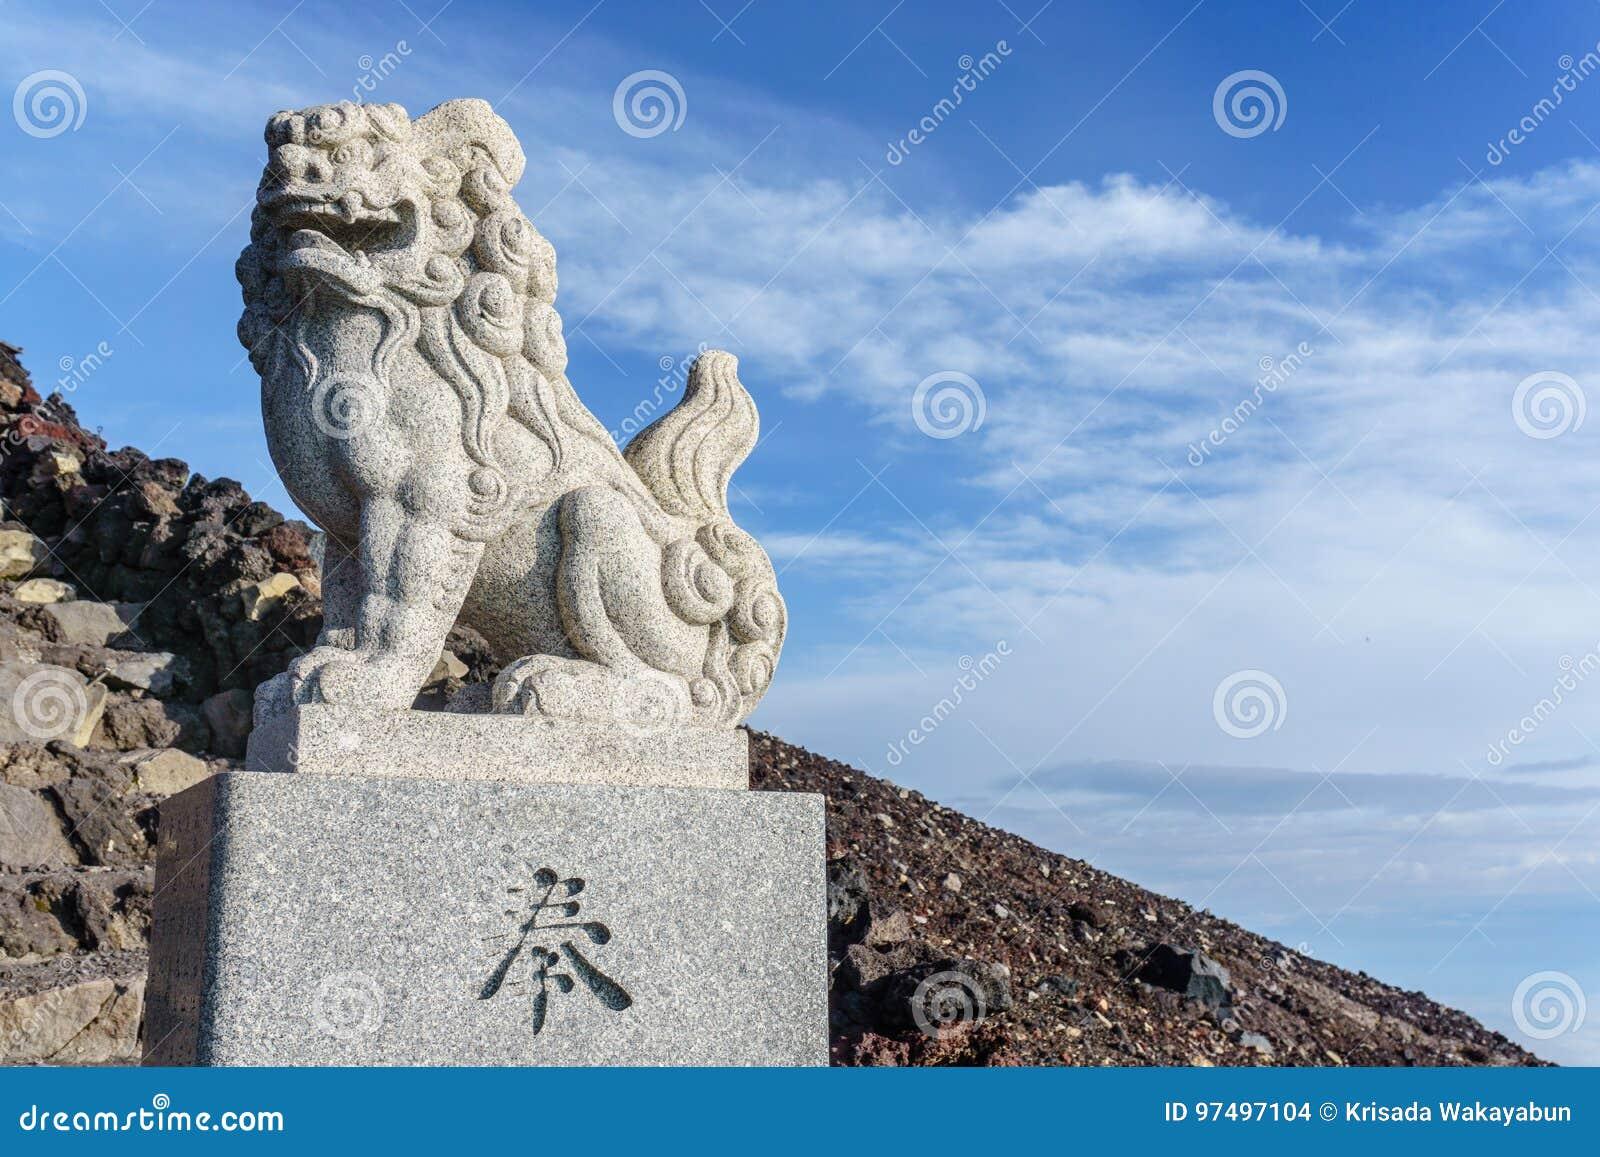 Statua del guardiano del leone-cane di Komainu del santuario shintoista di Kusushi sul